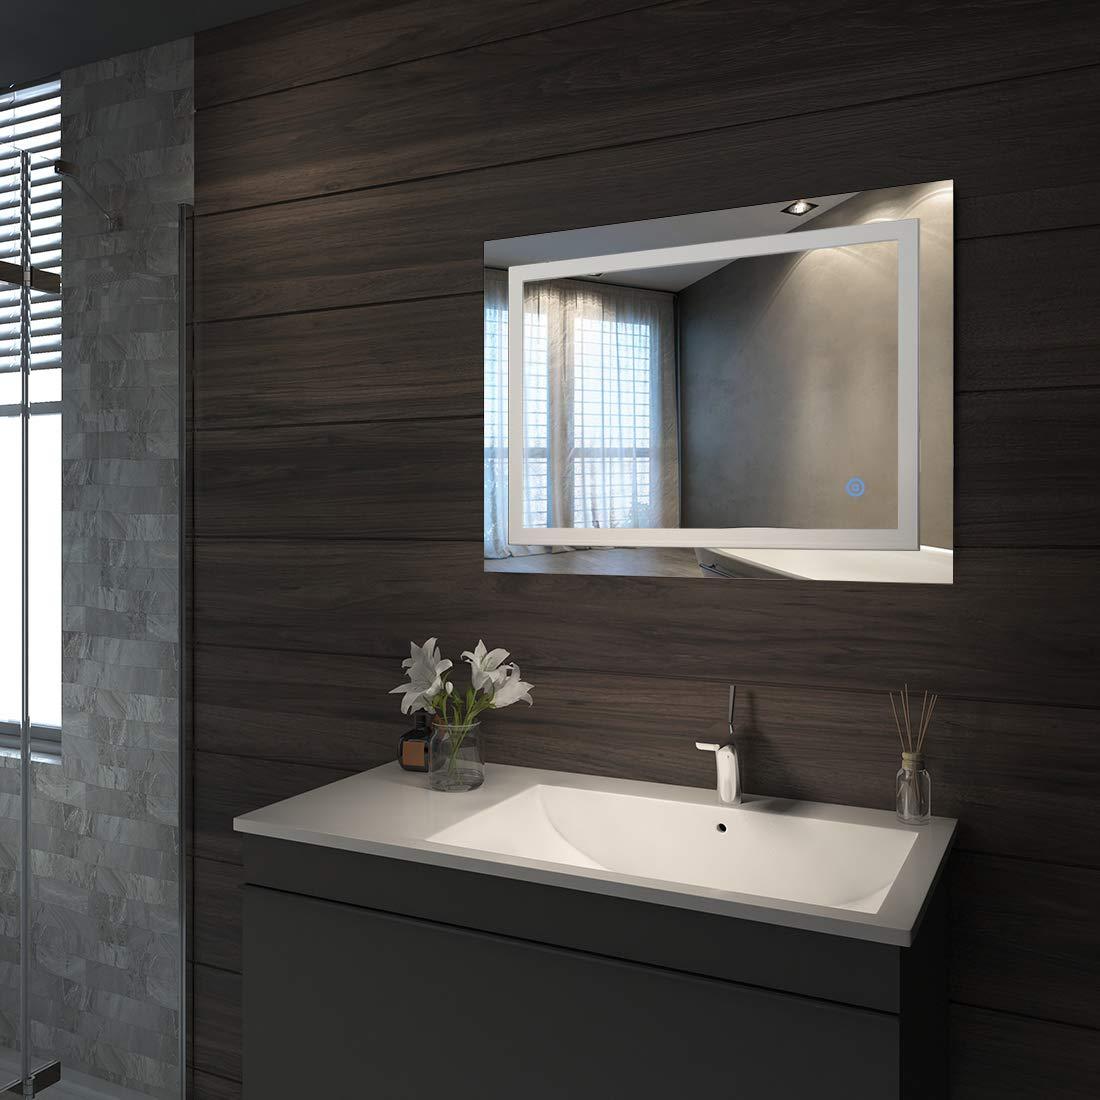 Blanc Froid Duschdeluxe Miroir de Salle de Bains avec /éclairage LED Miroir Murale Lumi/ère Illumination avec Interrupteur Tactile 50 x 70 x 4,5 cm Classe /énerg/étique A++